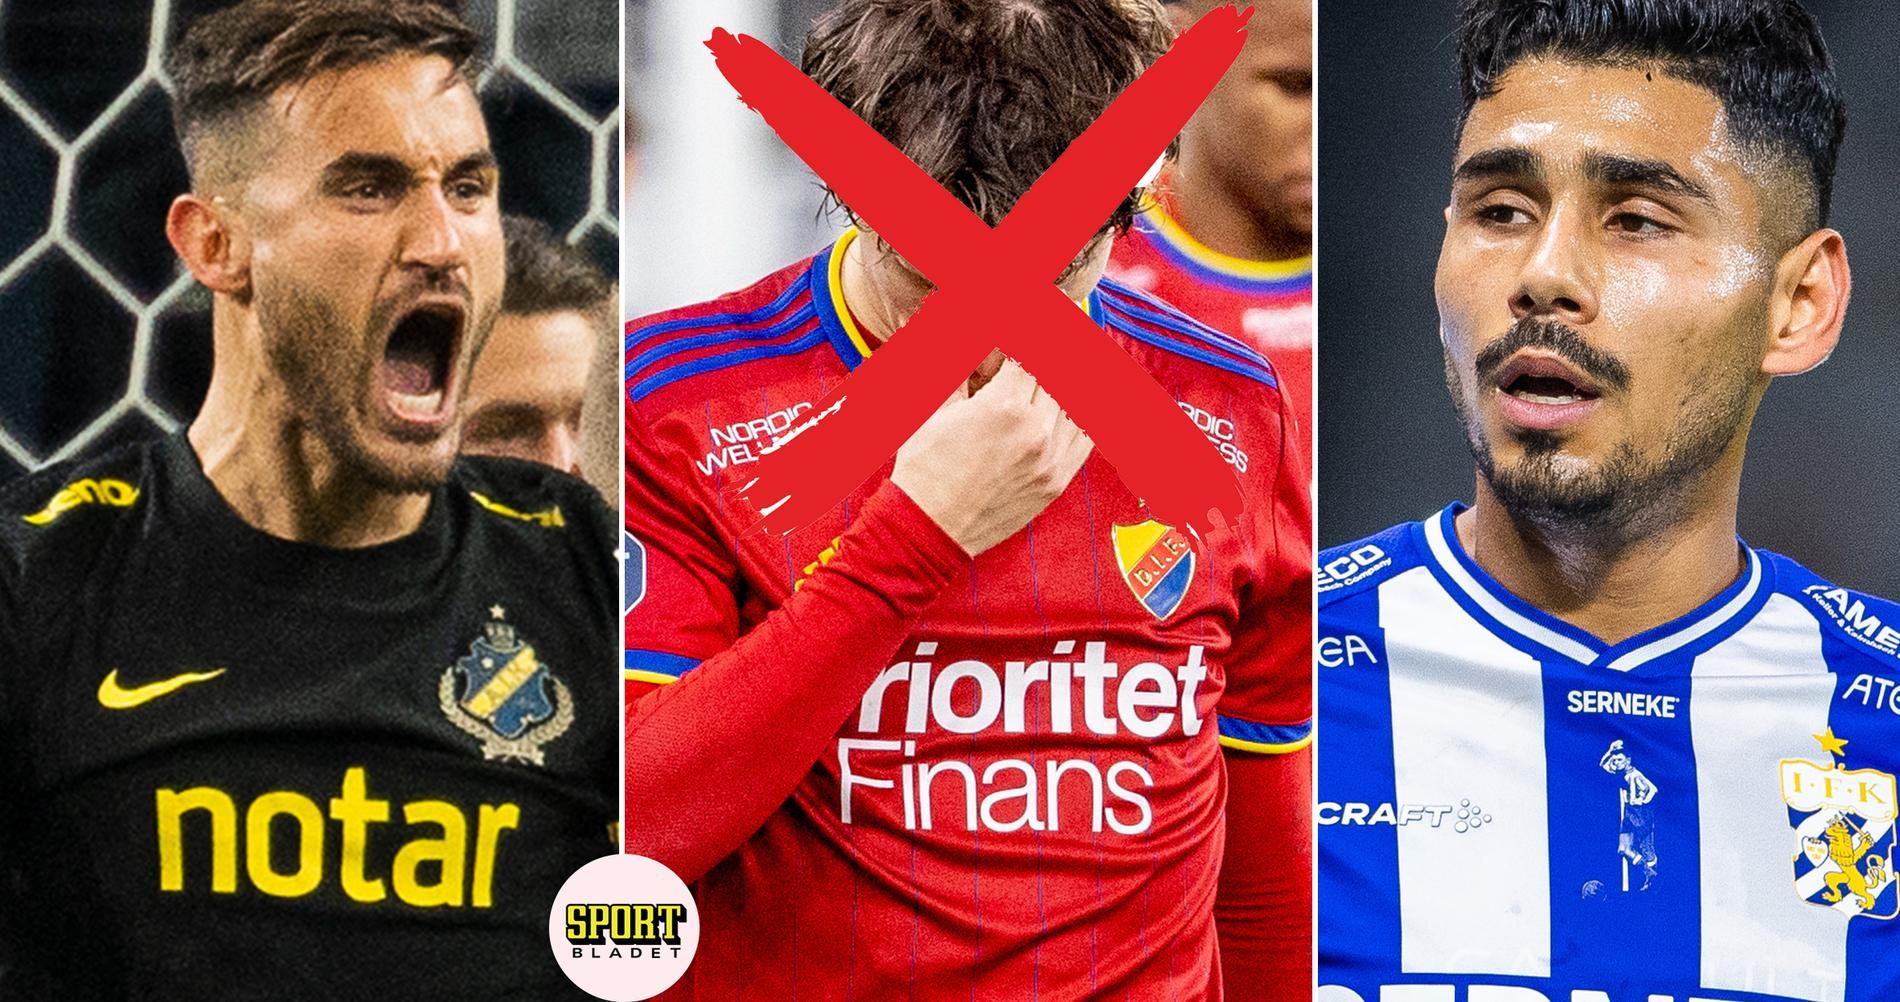 """Dissar Dif: """"Tror att AIK tar det"""""""